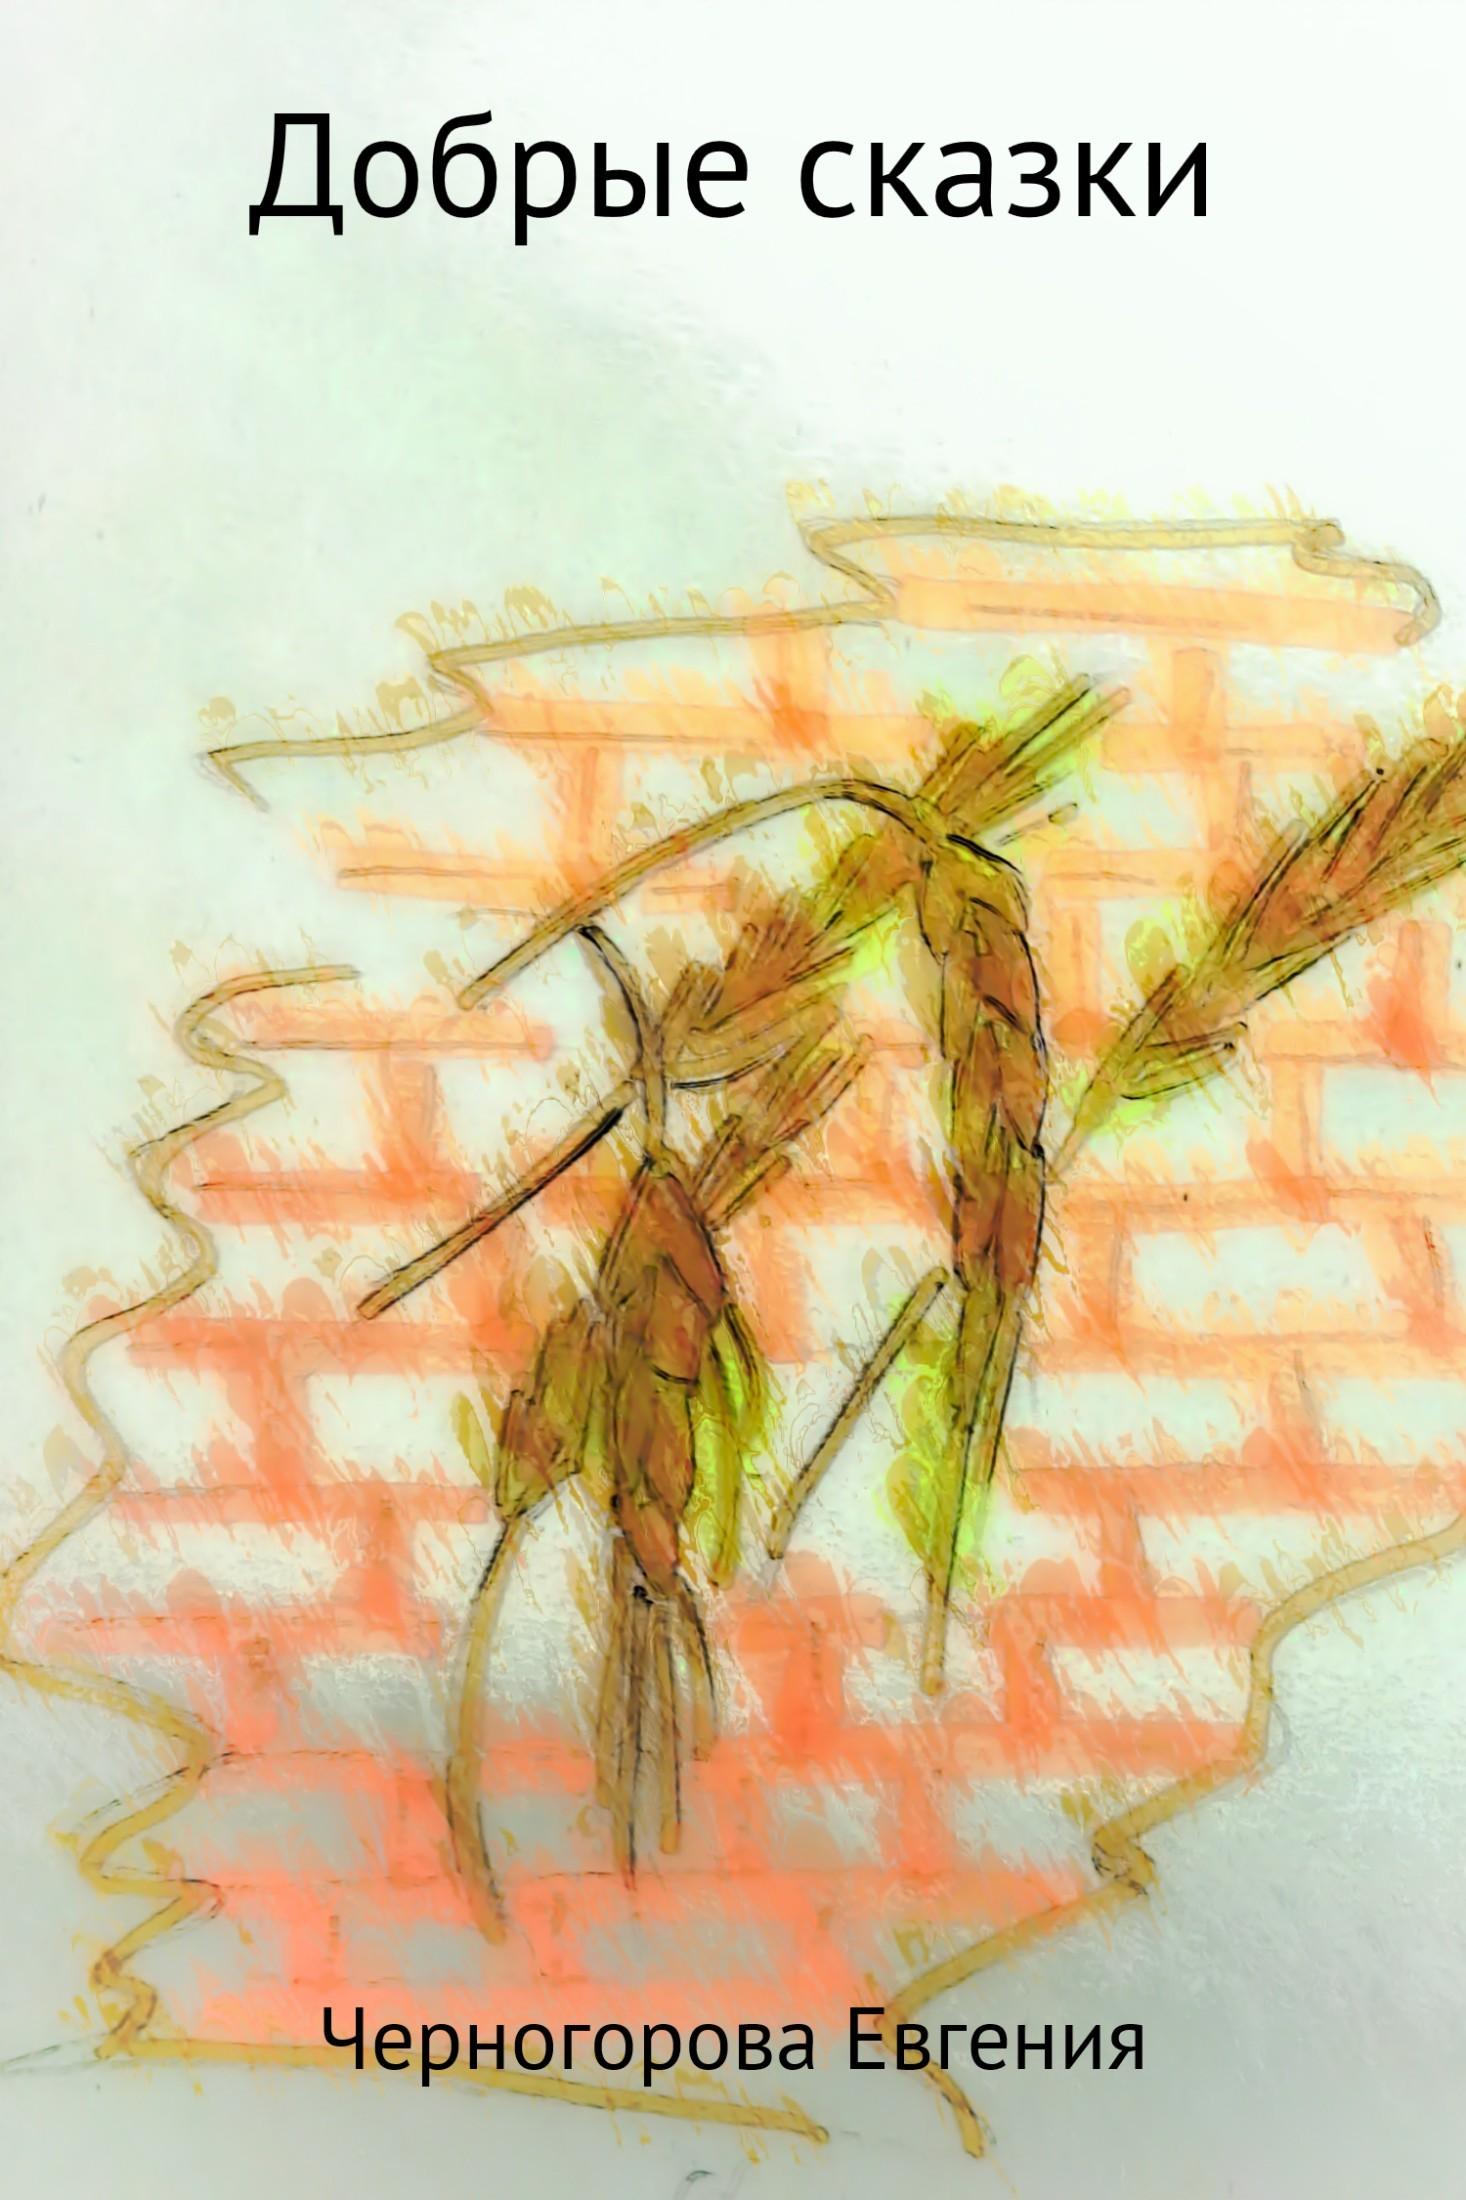 Евгения Николаевна Черногорова Добрые сказки николай щекотилов велосипед нужен каждому веселые сказки для детей ивзрослых